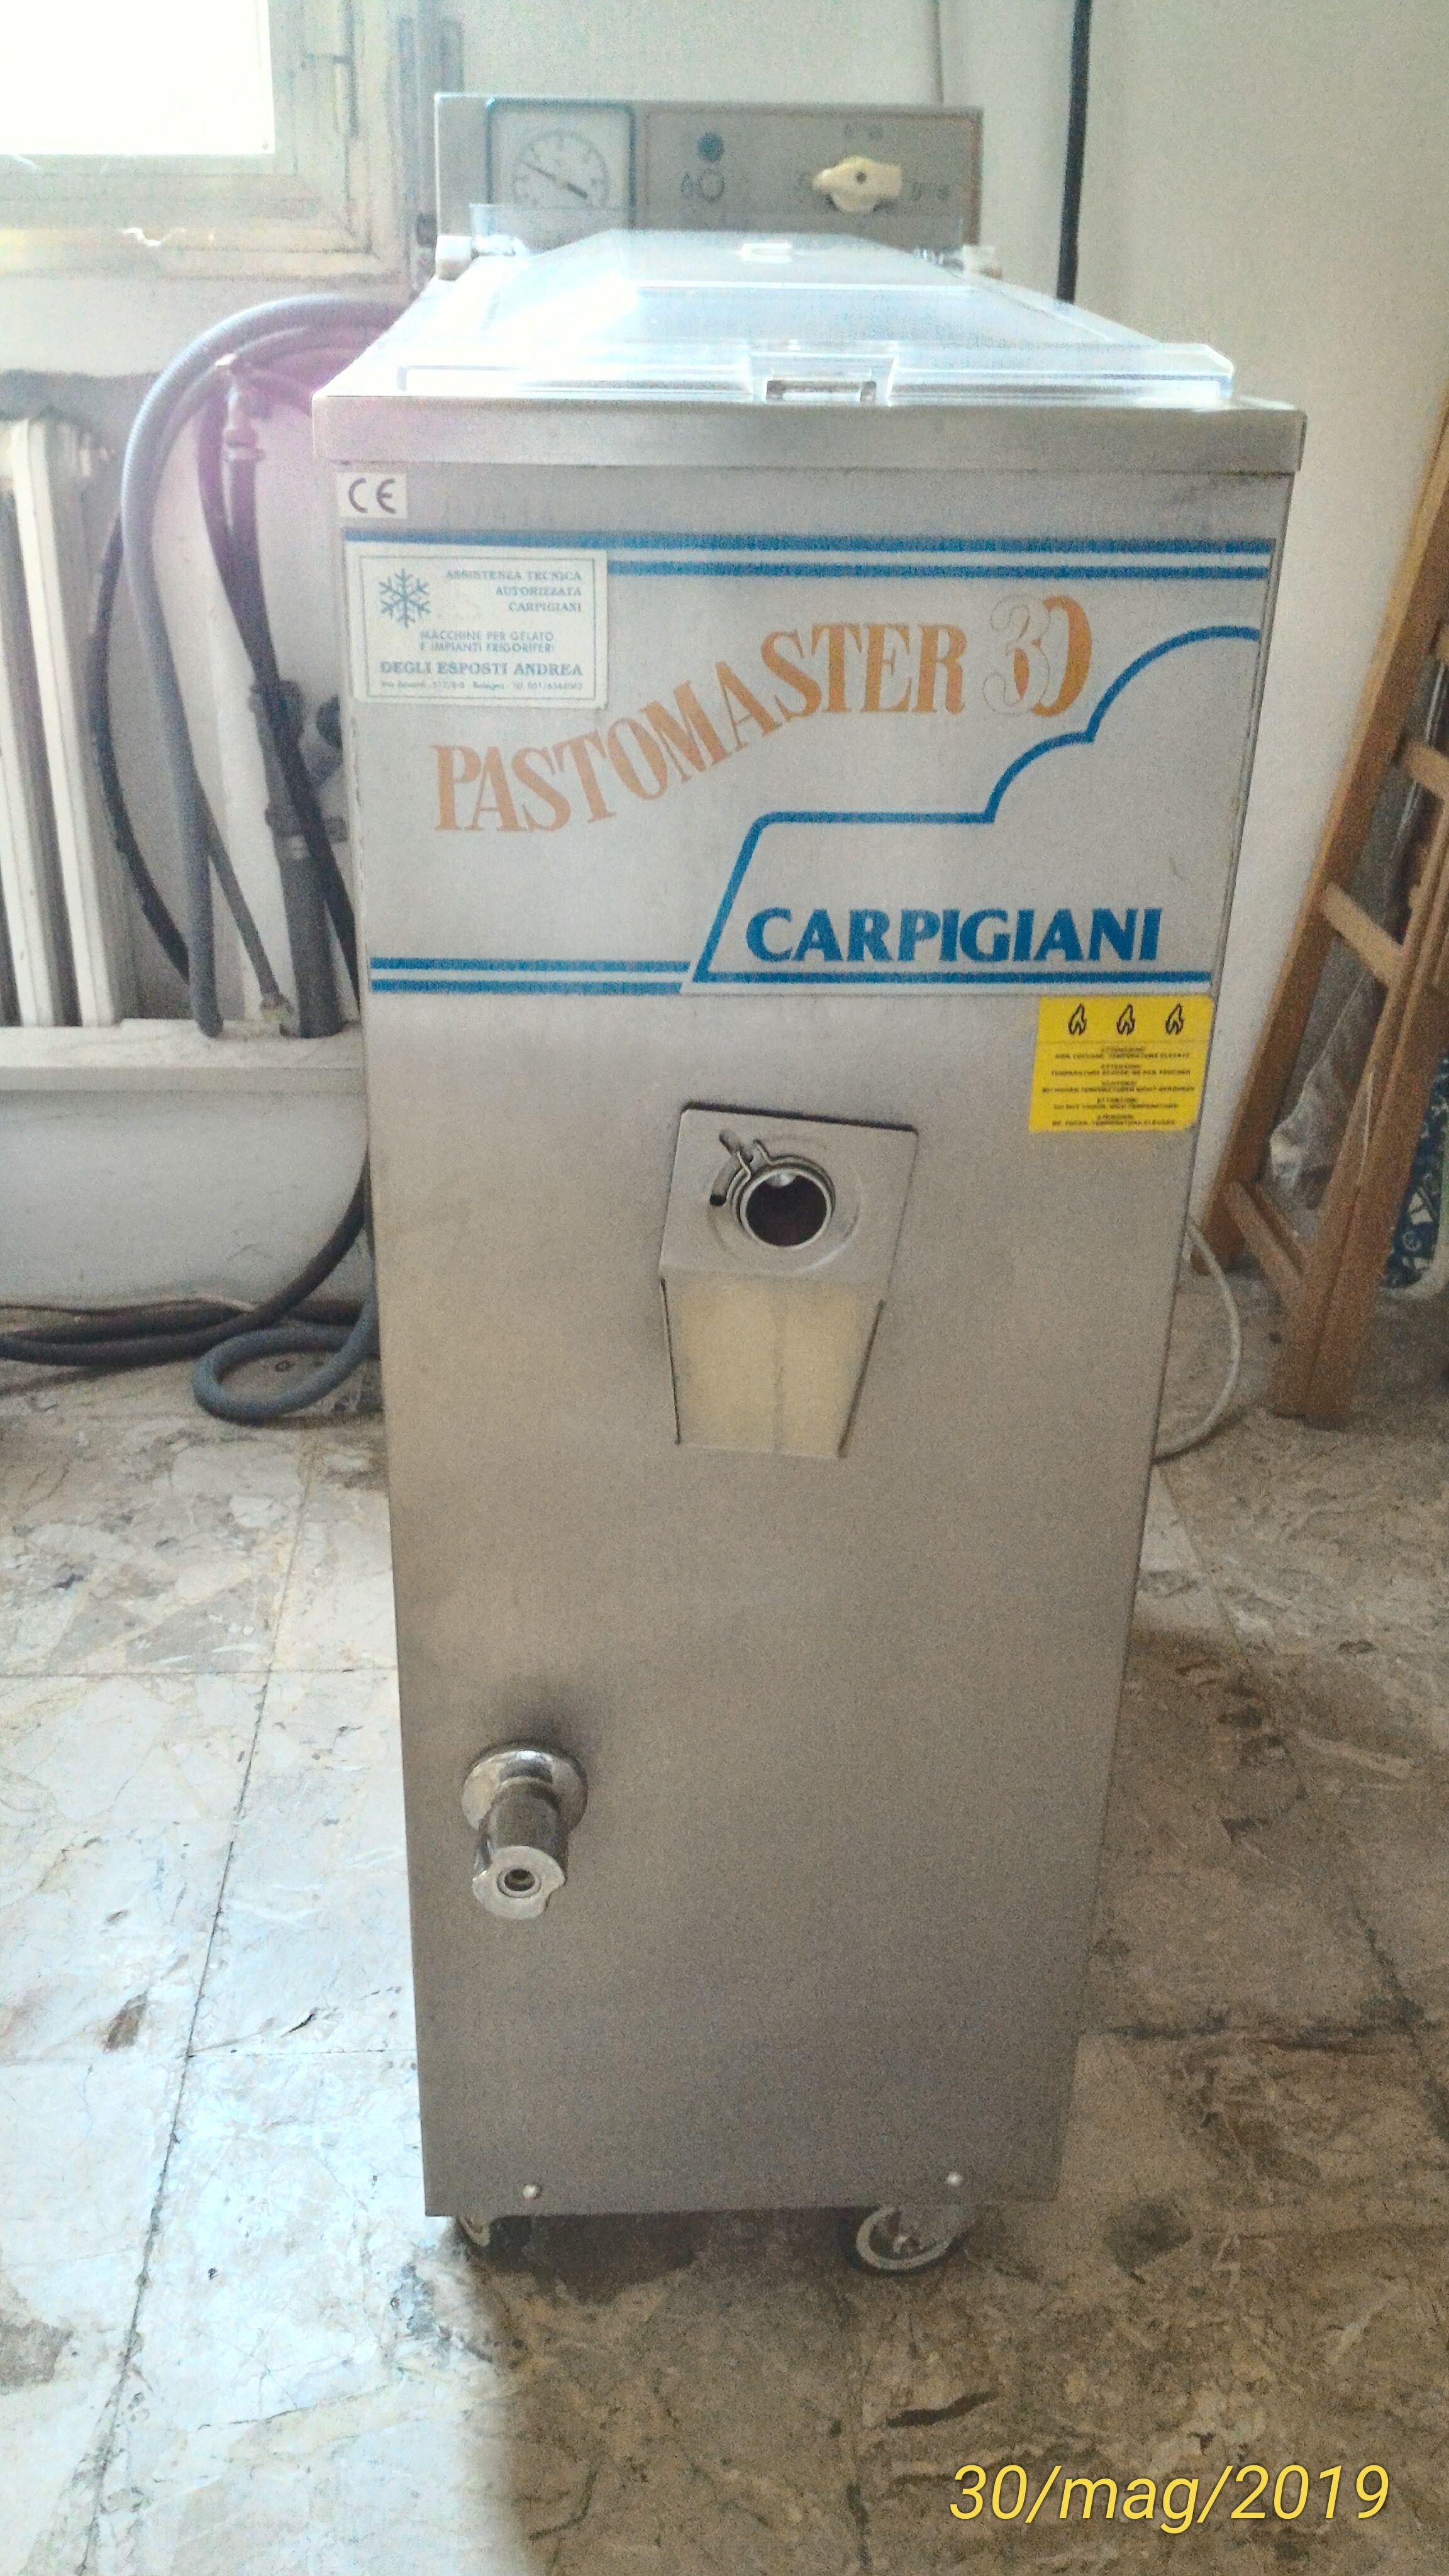 Vendo 2 Mantecatori + 2 Pastorizzatori + 3 frighi in vendita - foto 3